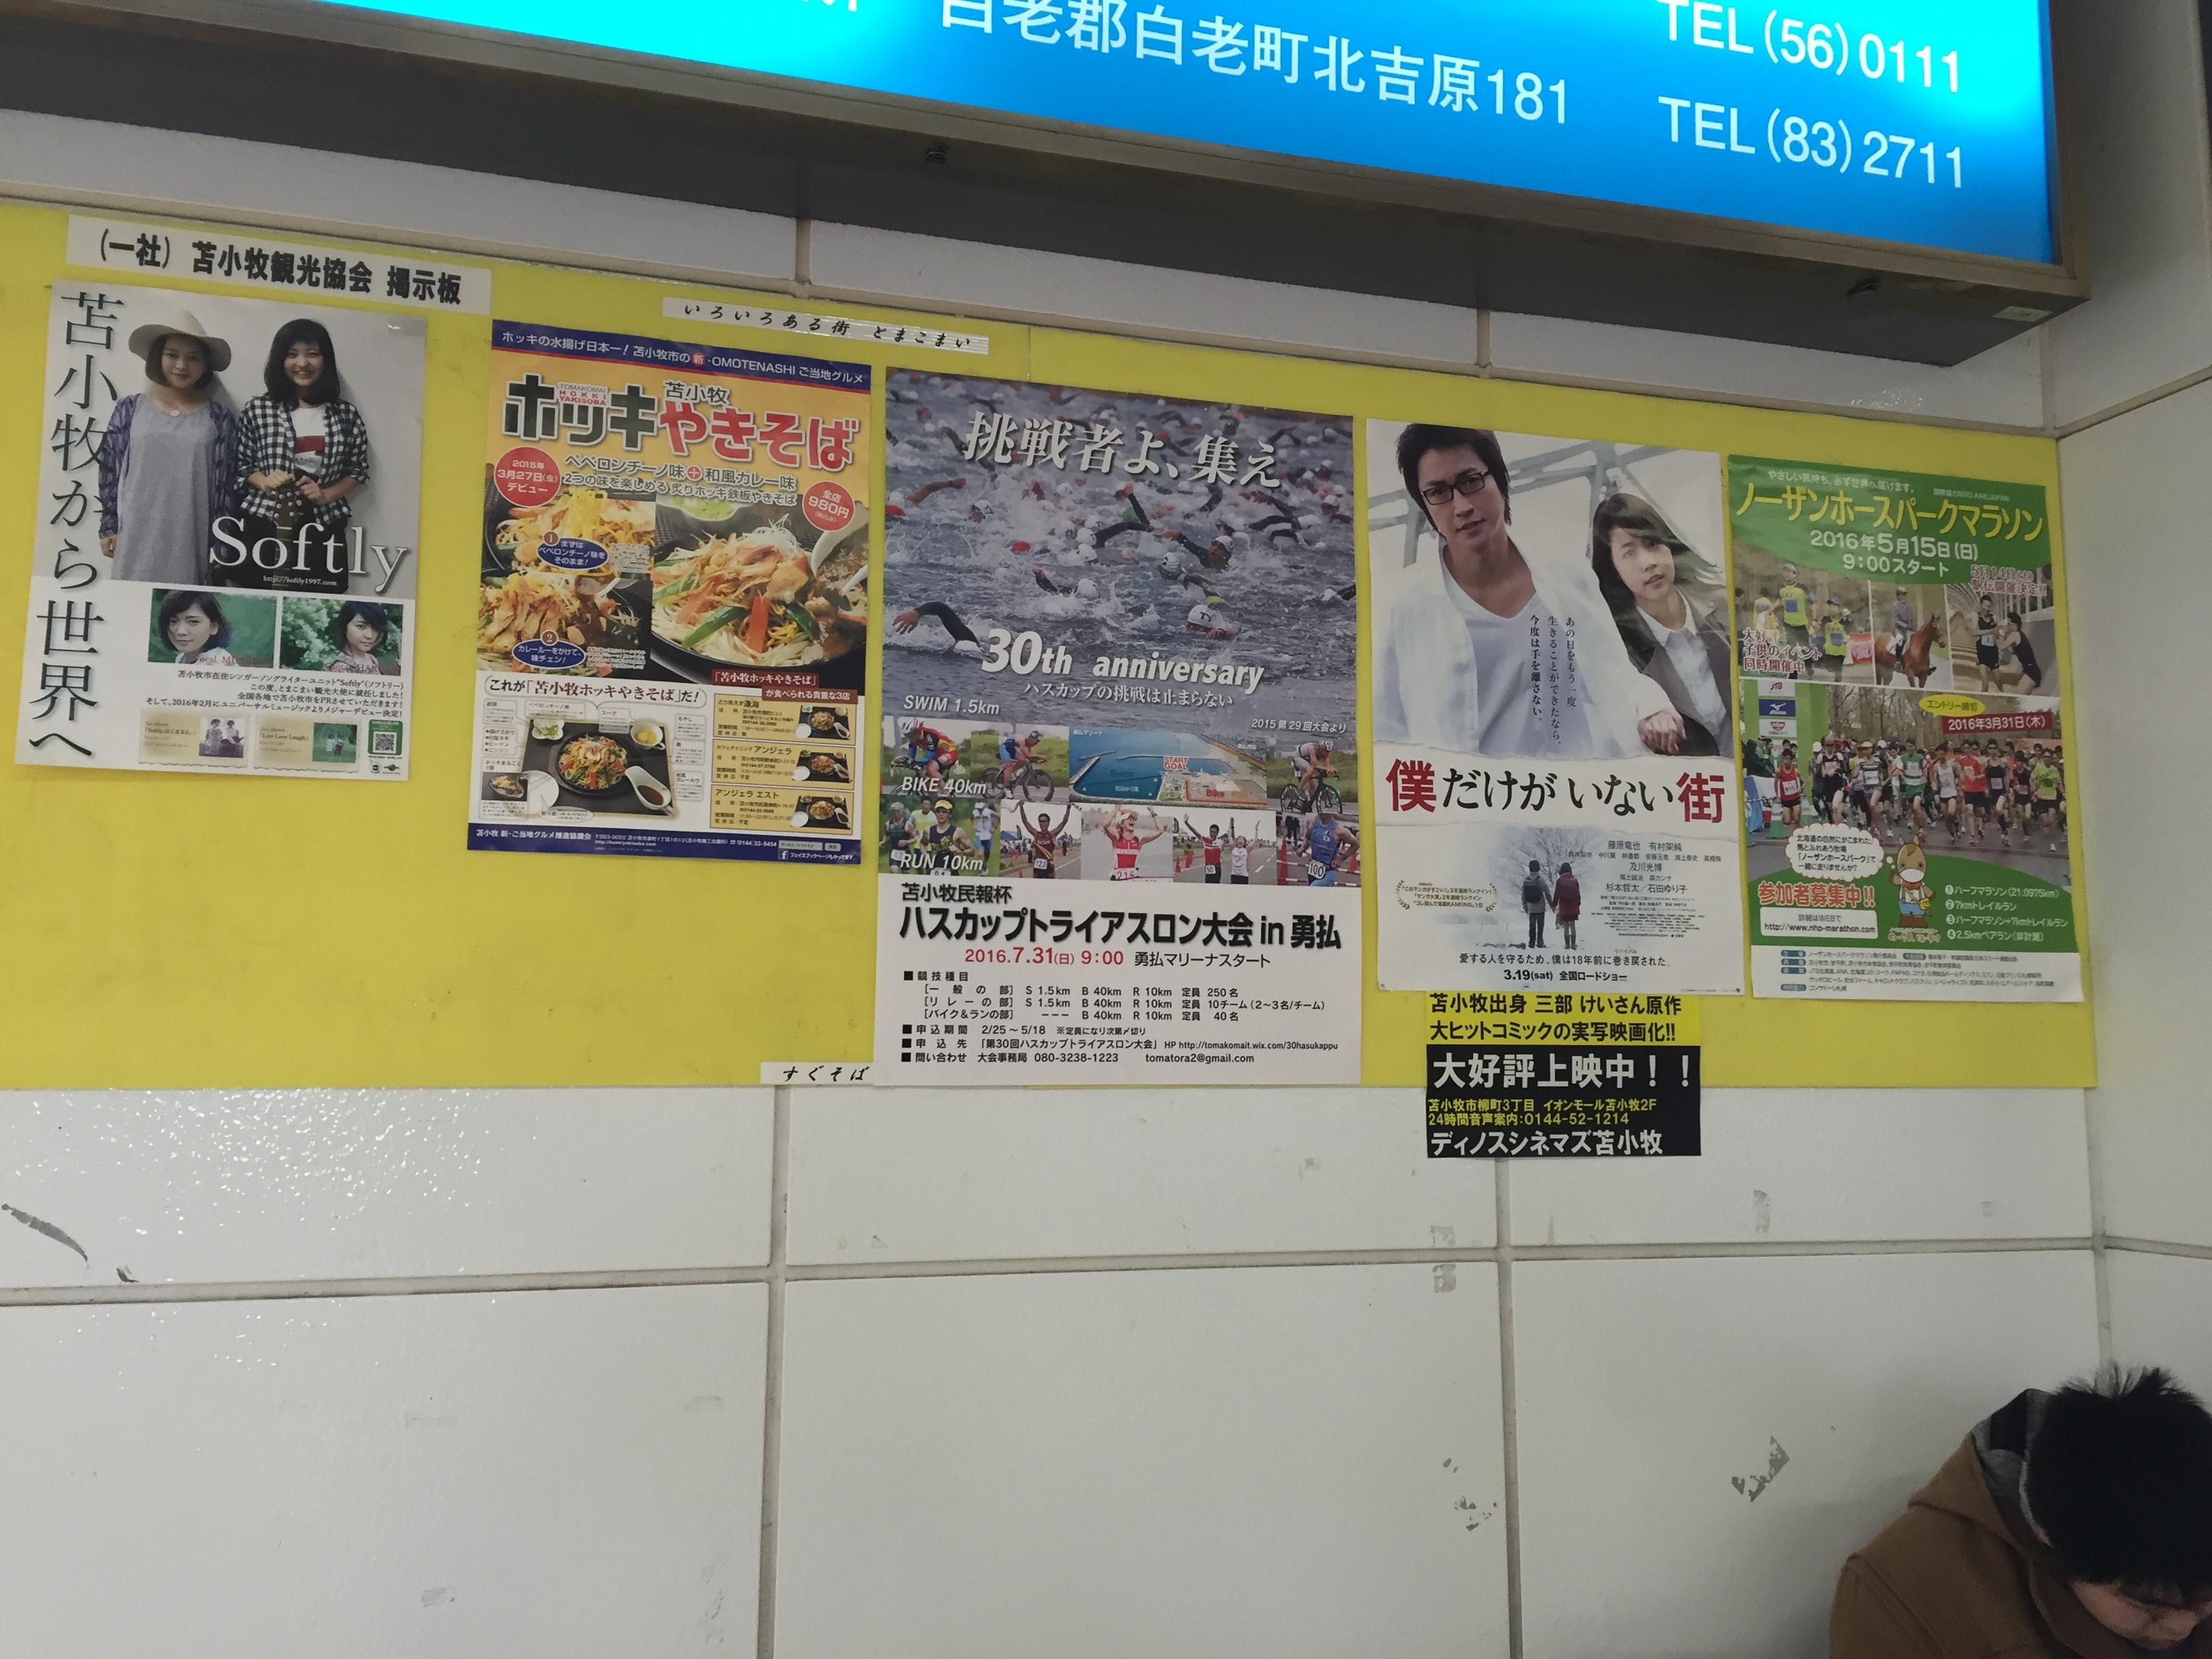 2016 3 21 ポスター駅に掲示